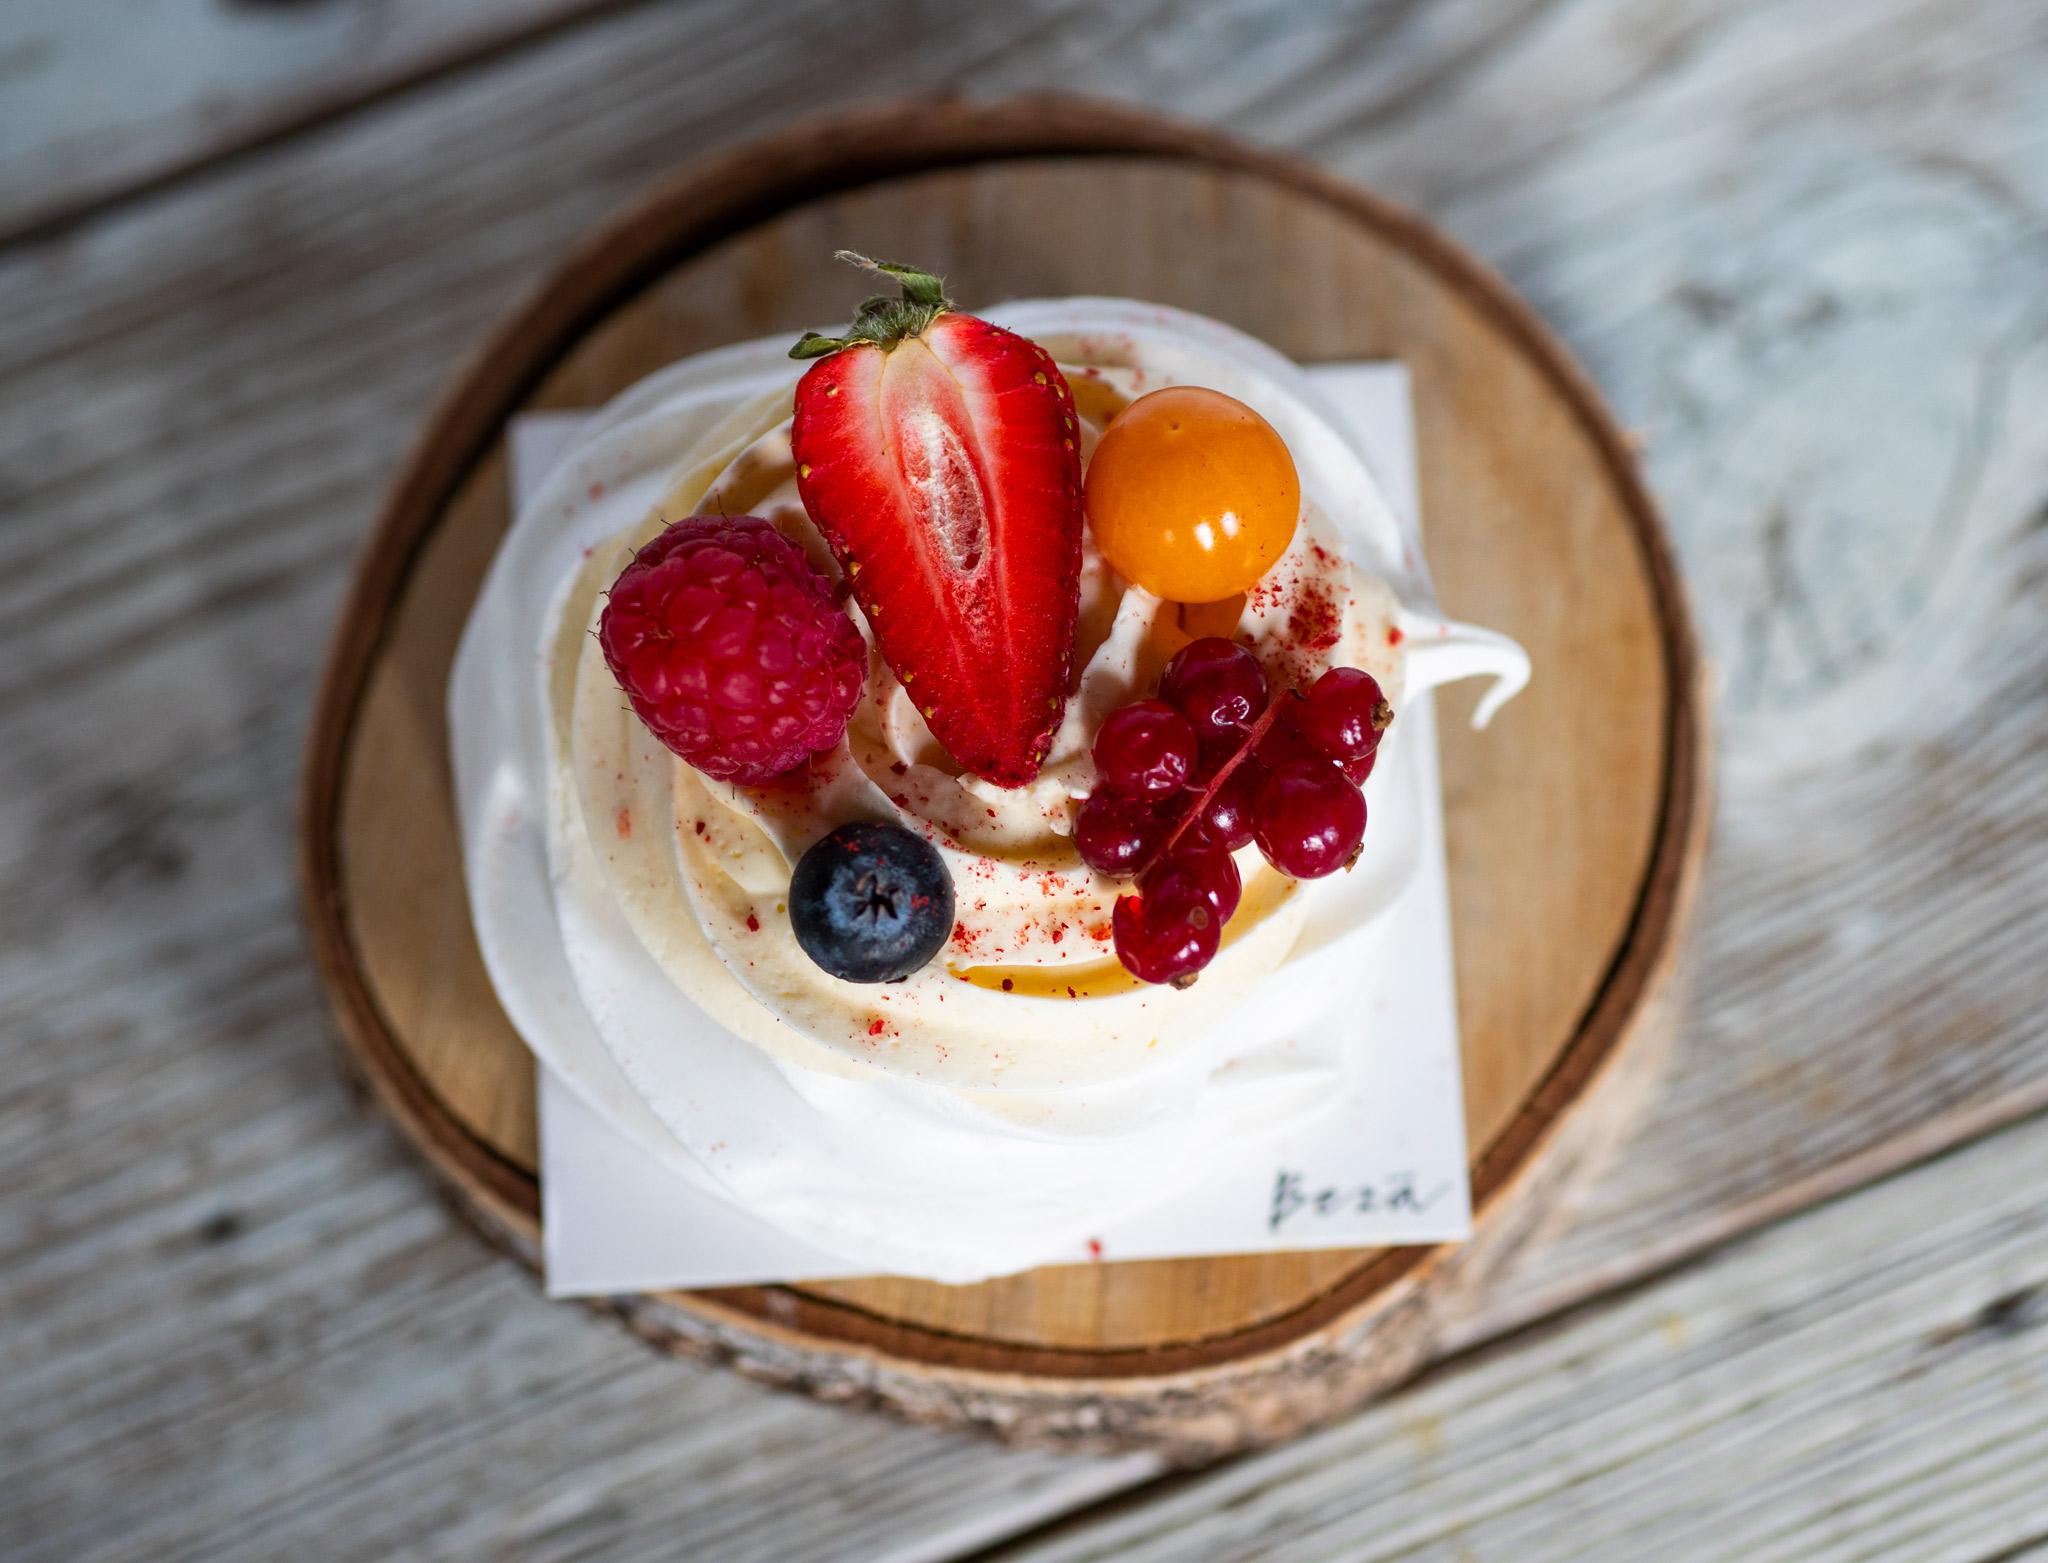 Na zdjęciu widać mini bezę z kremem i owocami ułożoną na drewnianej podstawce, która stoi na stole.